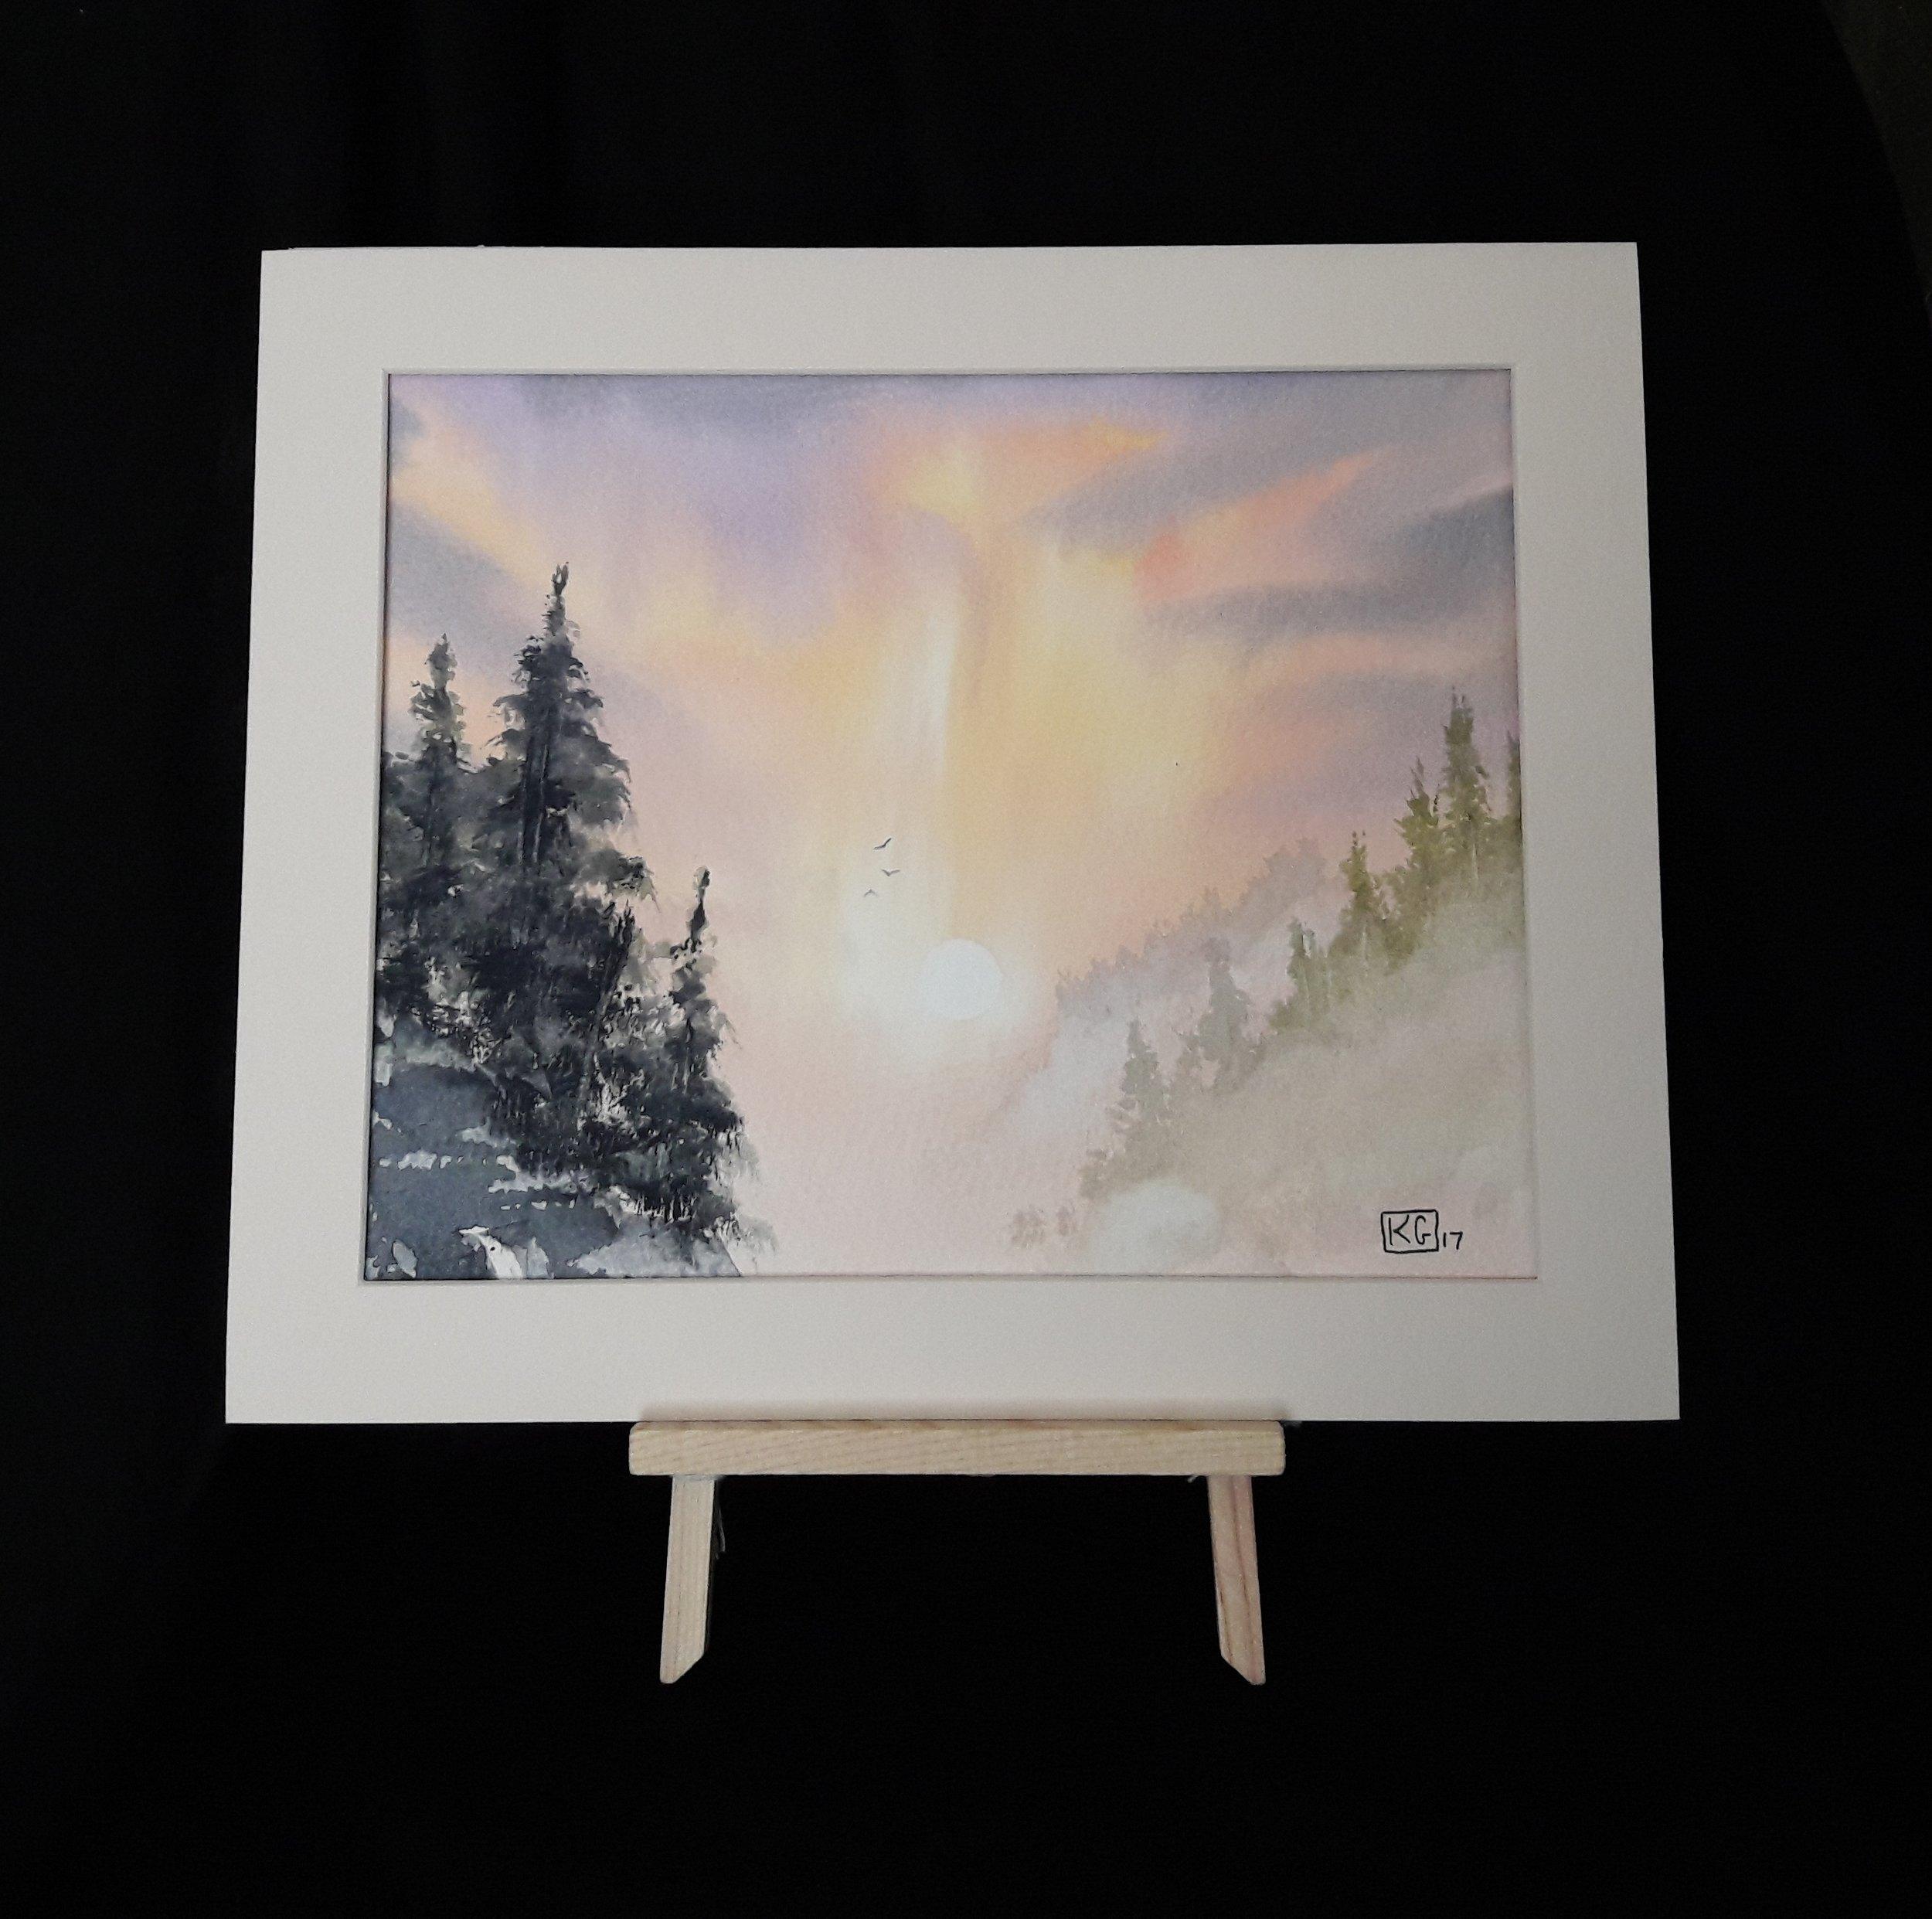 Canyon  8 x 10 inch watercolour